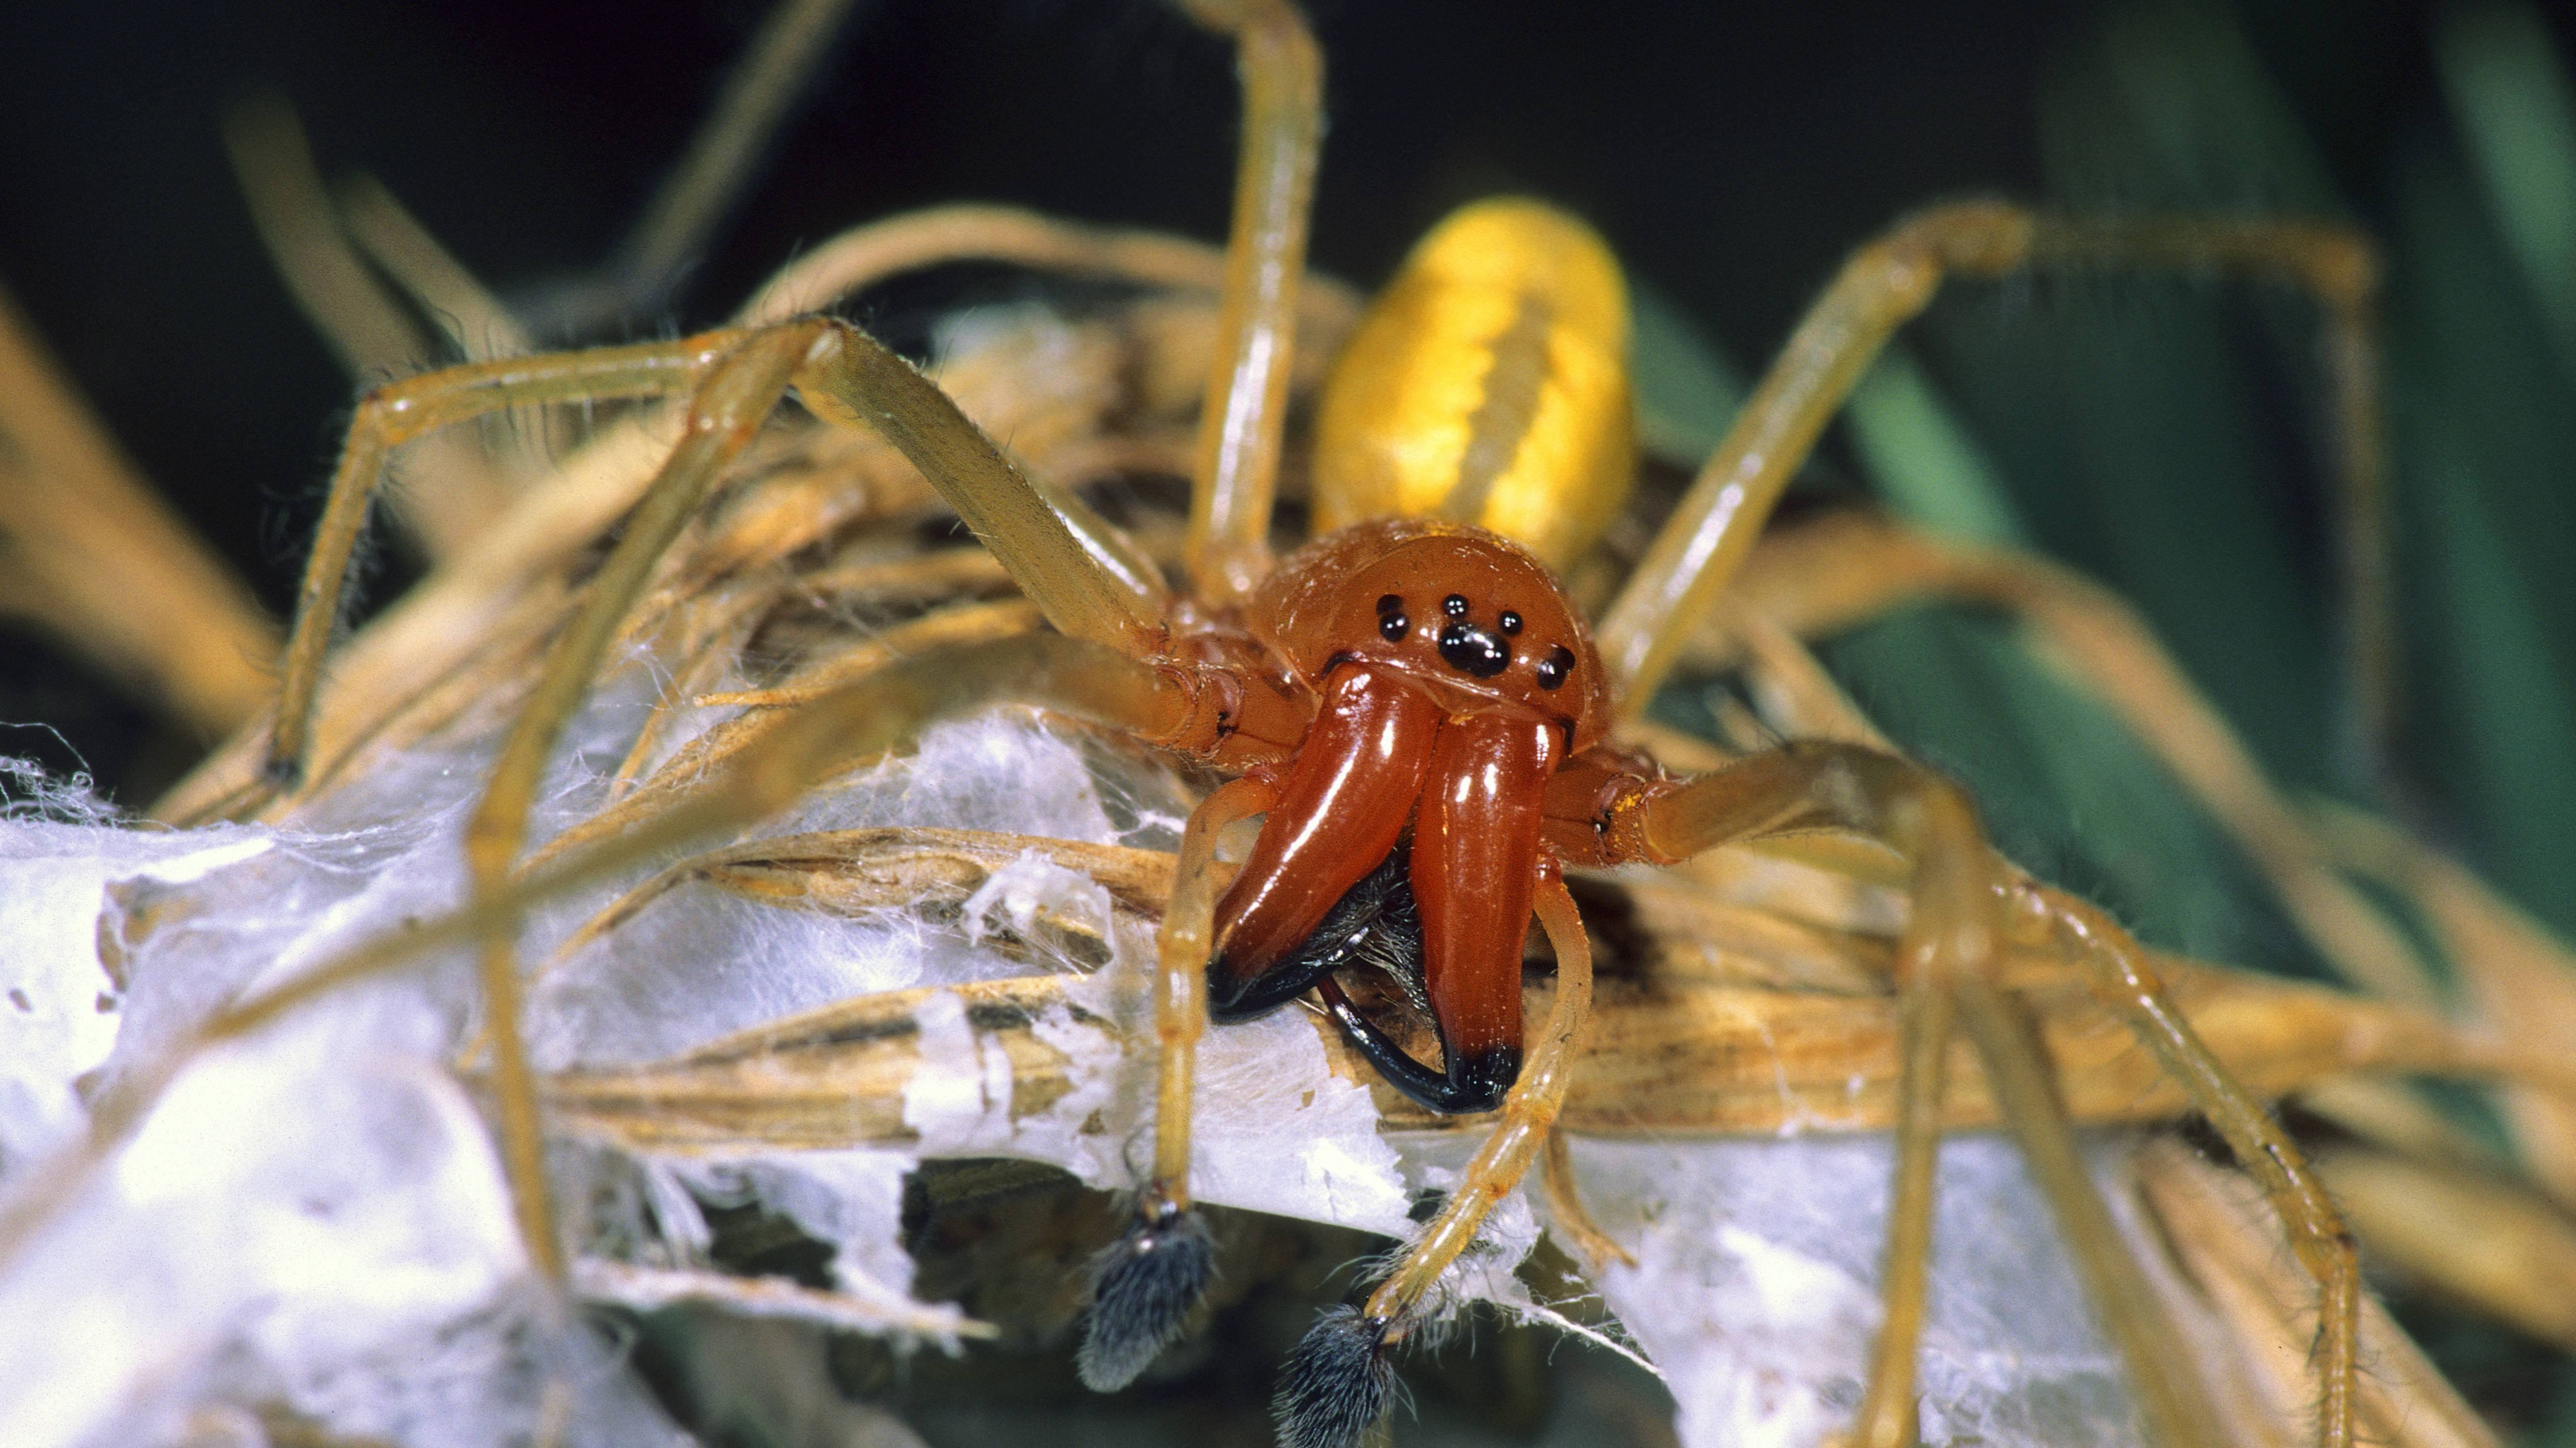 Ammen-Dornfinger-Männchen: Ursprünglich kommt die giftige Spinnenart aus Südeuropa, doch aufgrund des Klimawandels ist sie mittlerweile auch in Deutschland heimisch geworden.